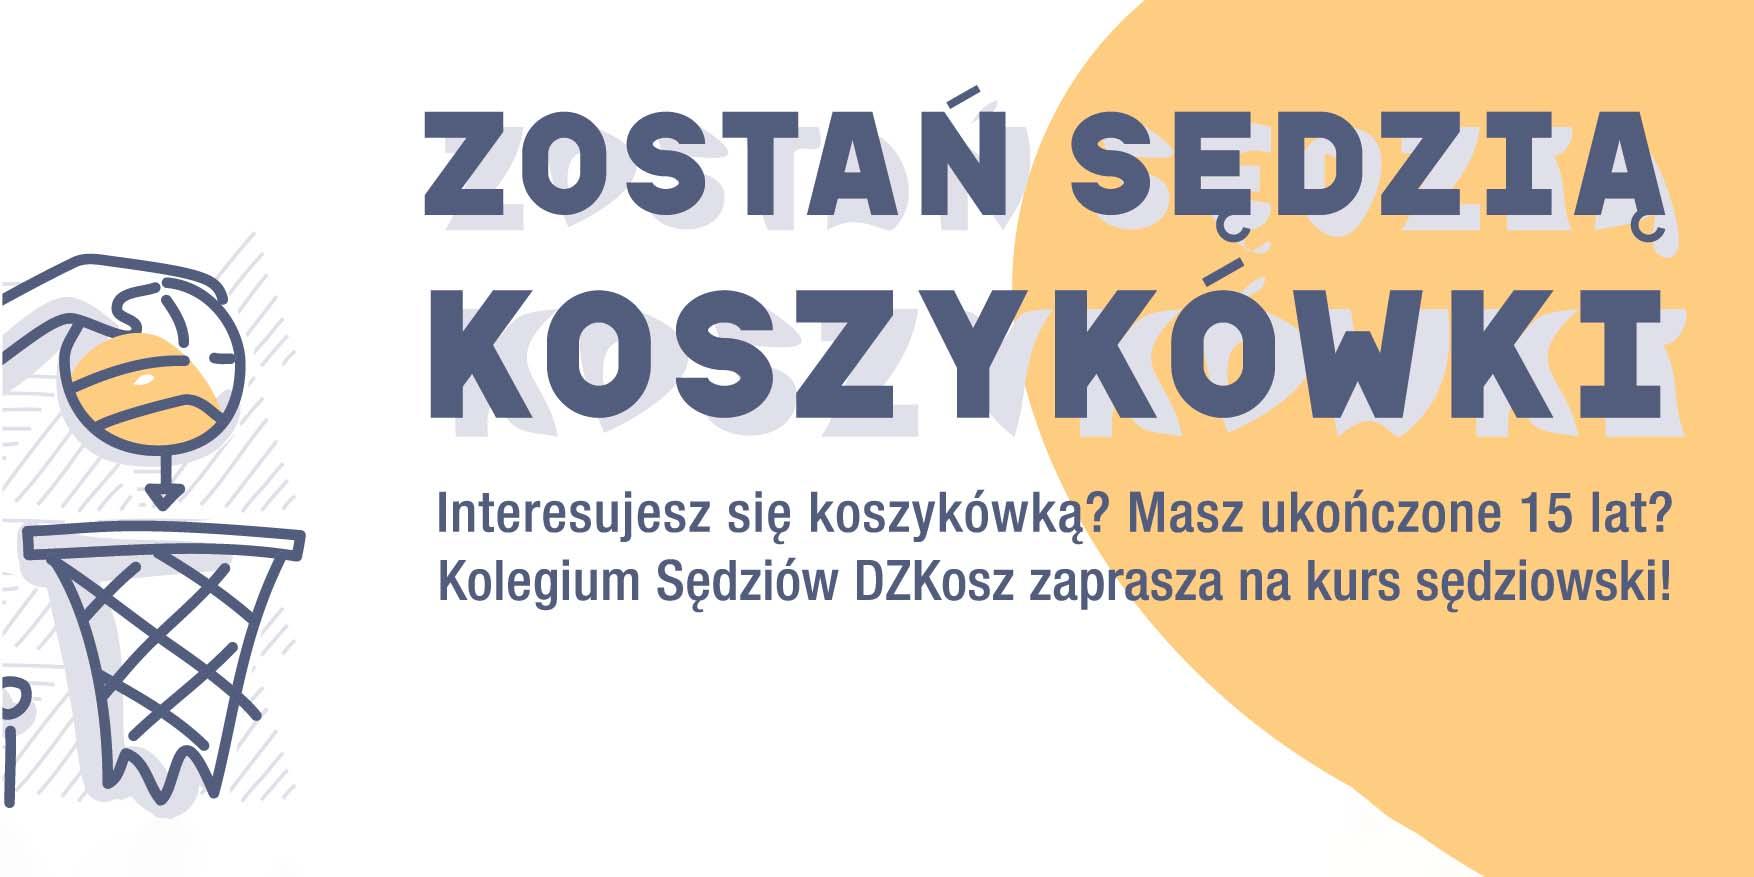 zostan-sedzia-koszykowki-2